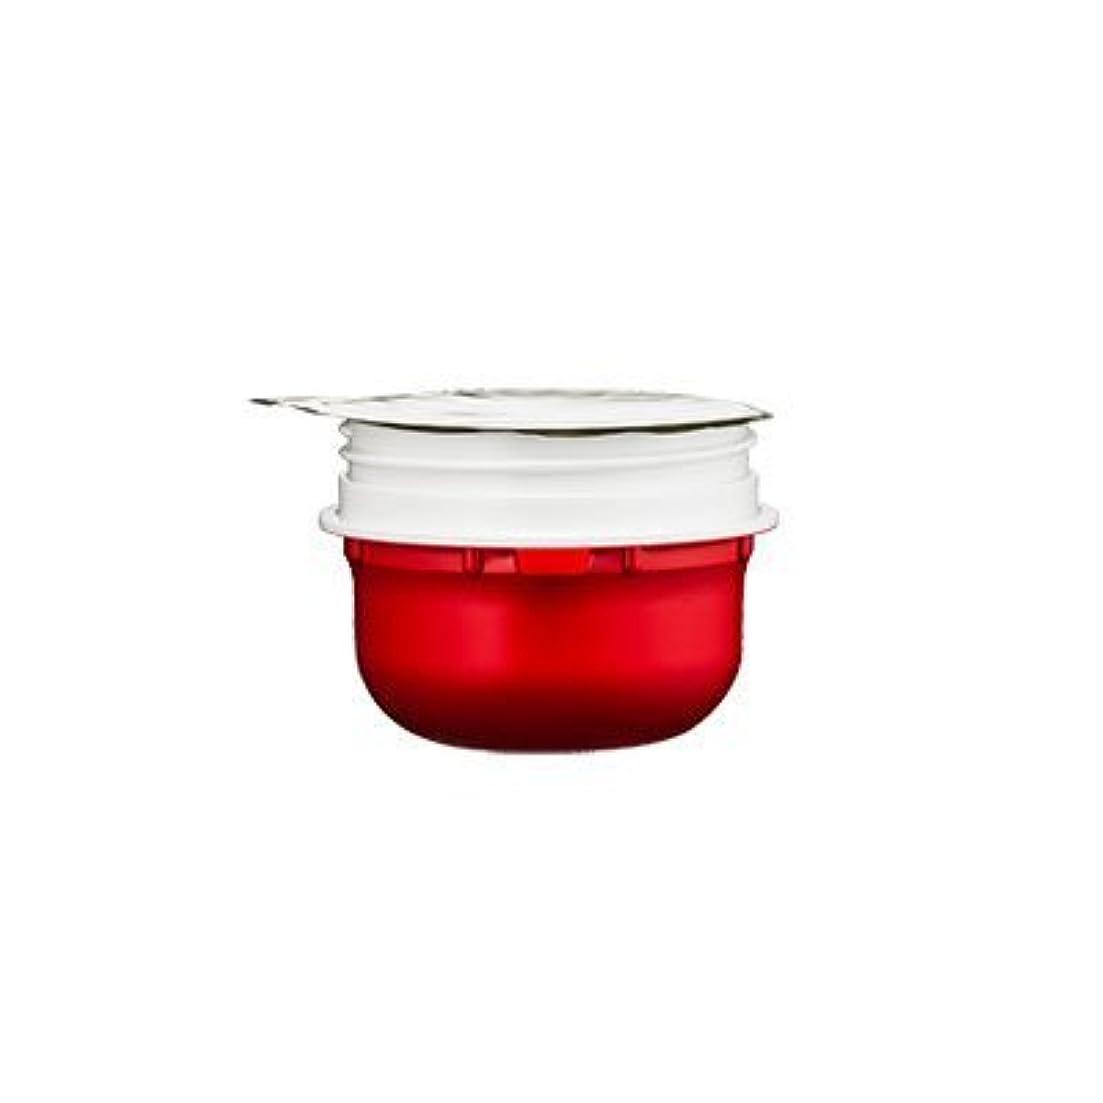 はい許可する白菜フジフイルム アスタリフト クリーム (リフィル) 30g 並行輸入品 4547410209518